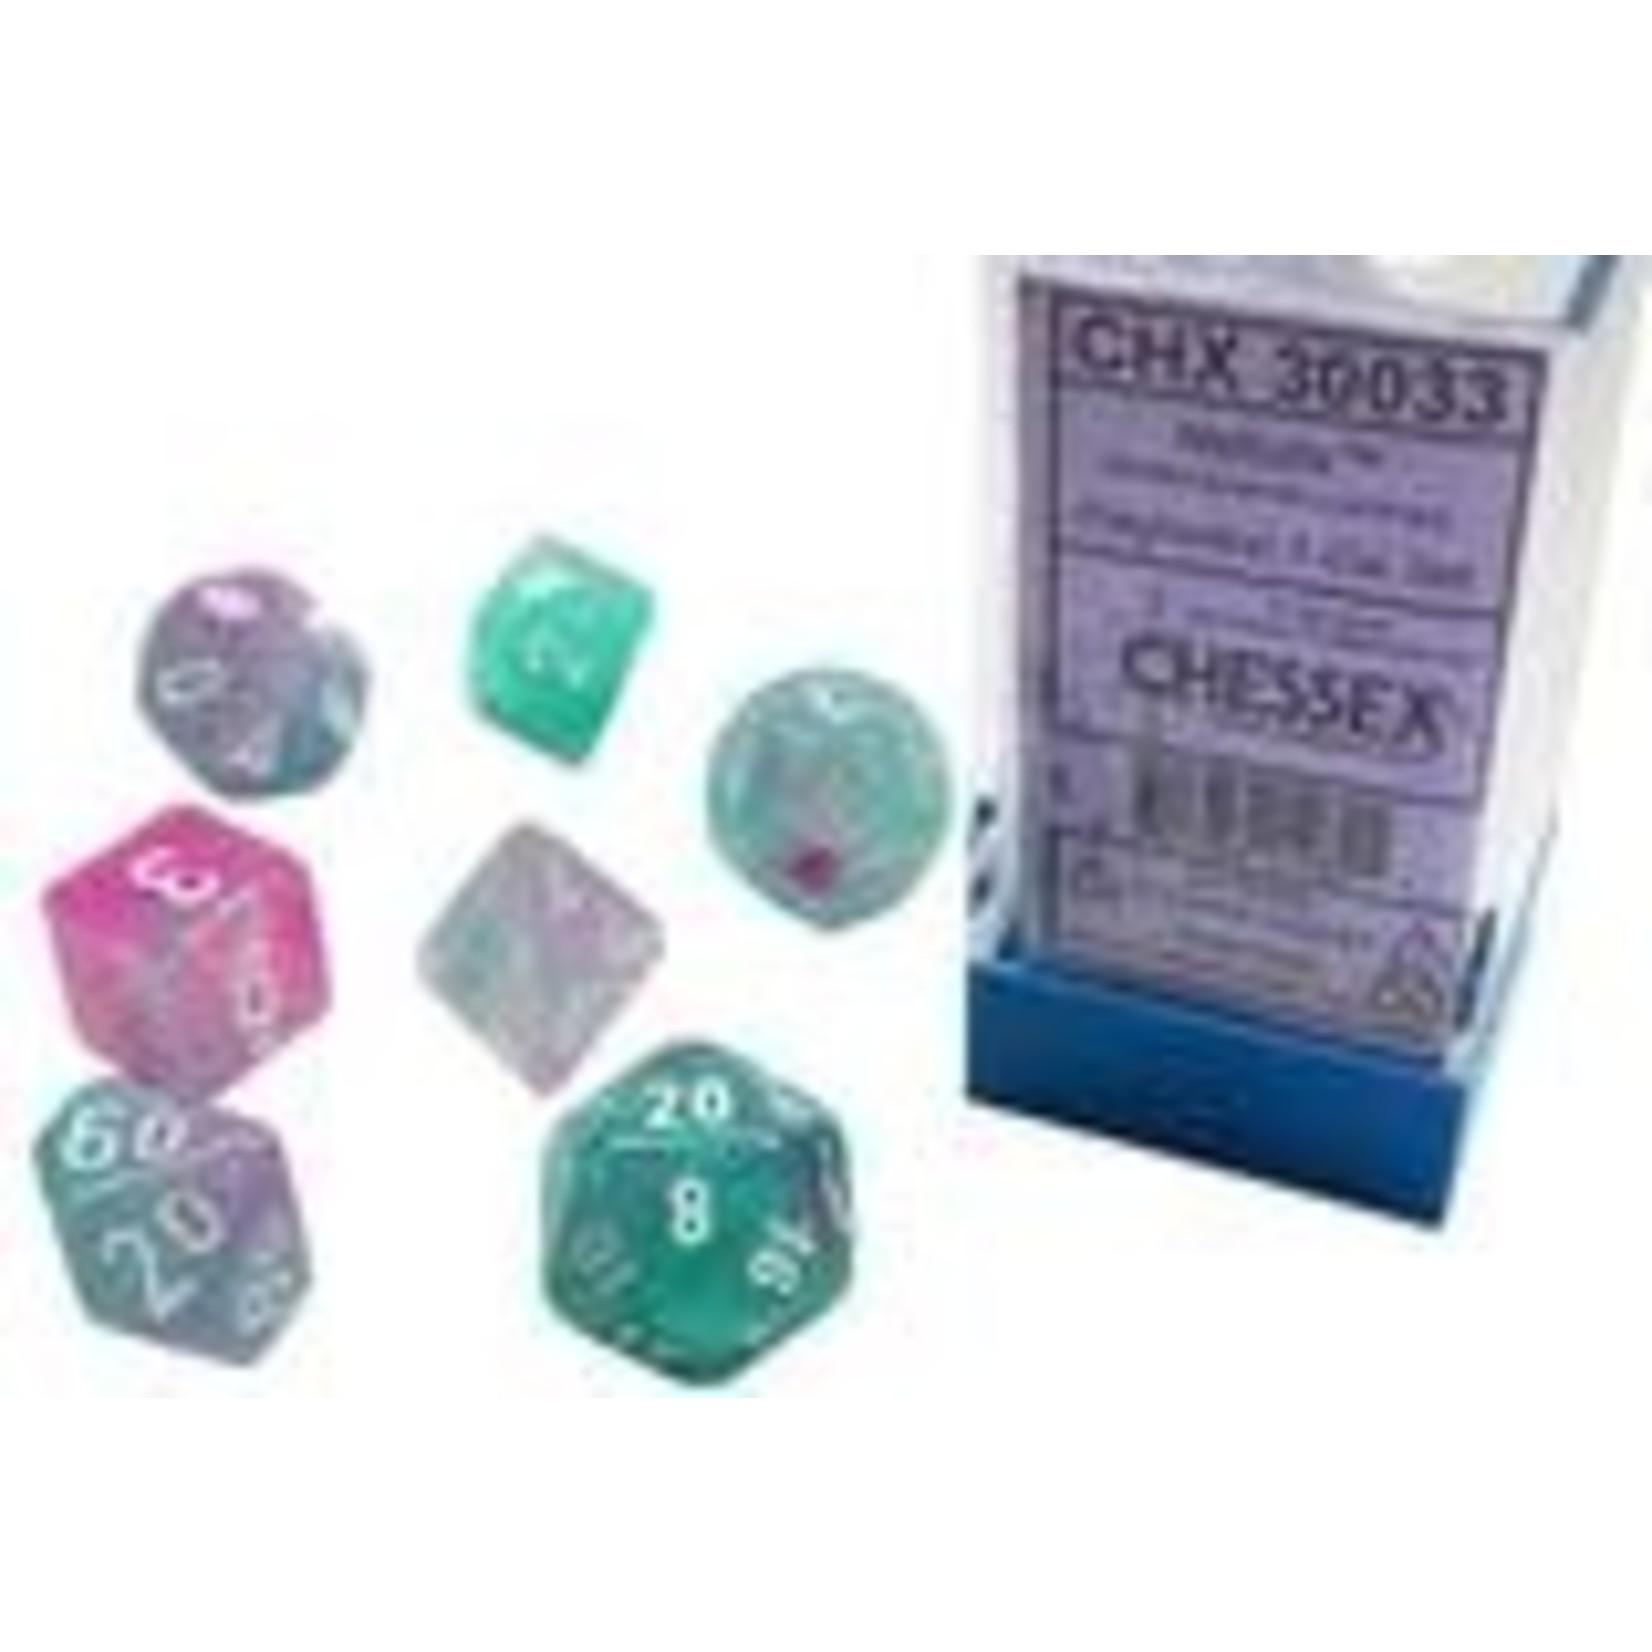 Chessex Chessex 7-Set Dice: Nebula - Wisteria/White Luminary 30033